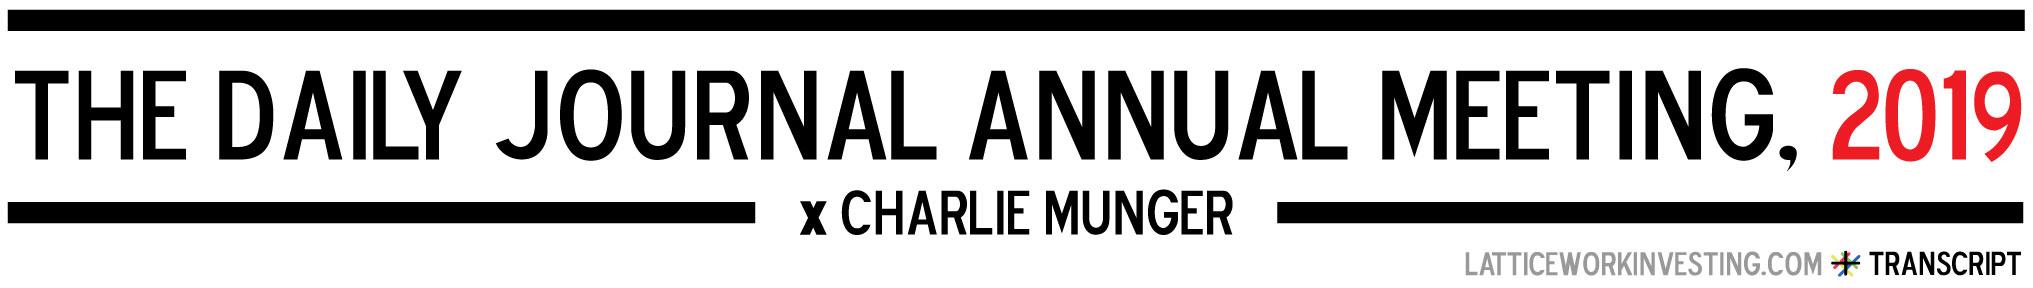 Charlie Munger: Full Transcript of Daily Journal Annual